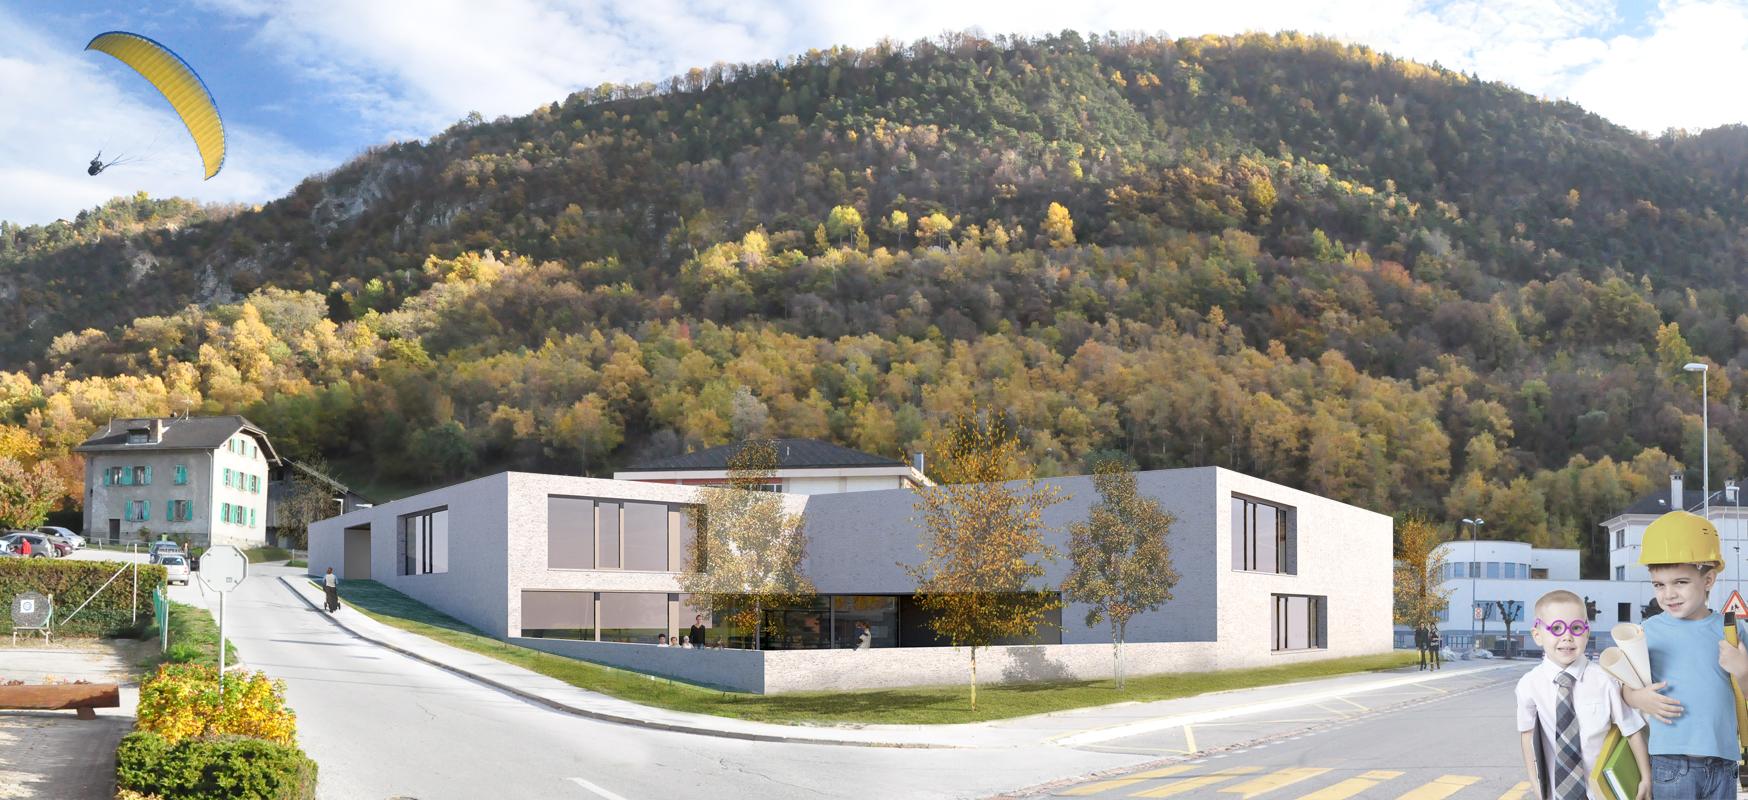 construction d'une crèche, UAPE, ludothèque et salles de classes grône - 2015 - 1er prix - cheseauxrey sàrl